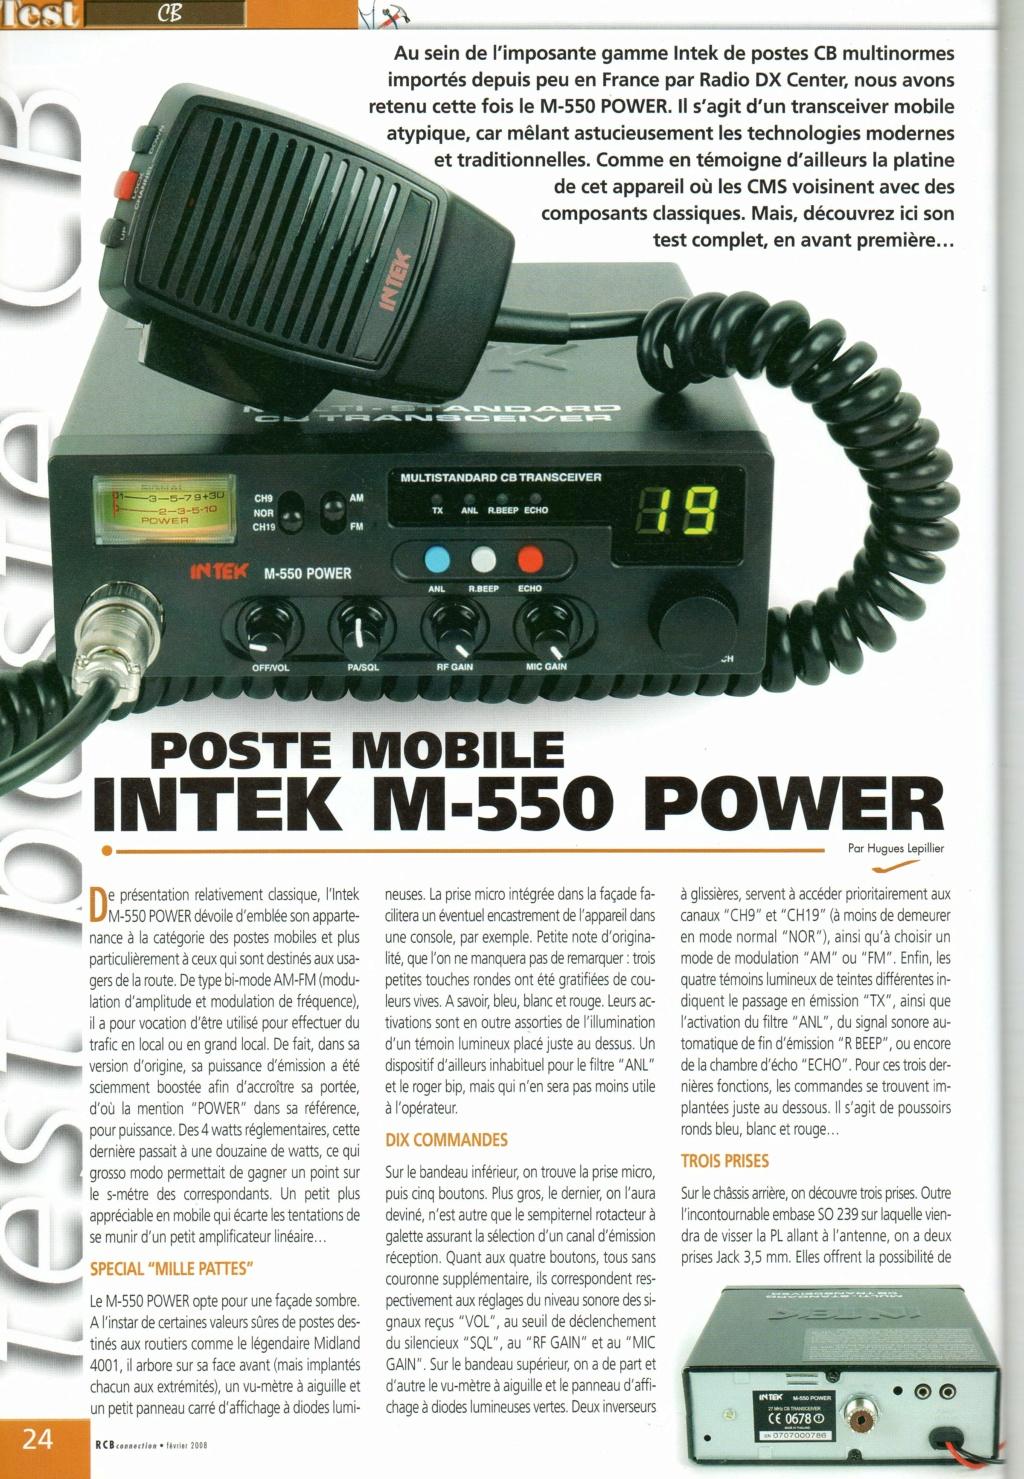 power - Intek M-550 Power (Mobile) Img65511